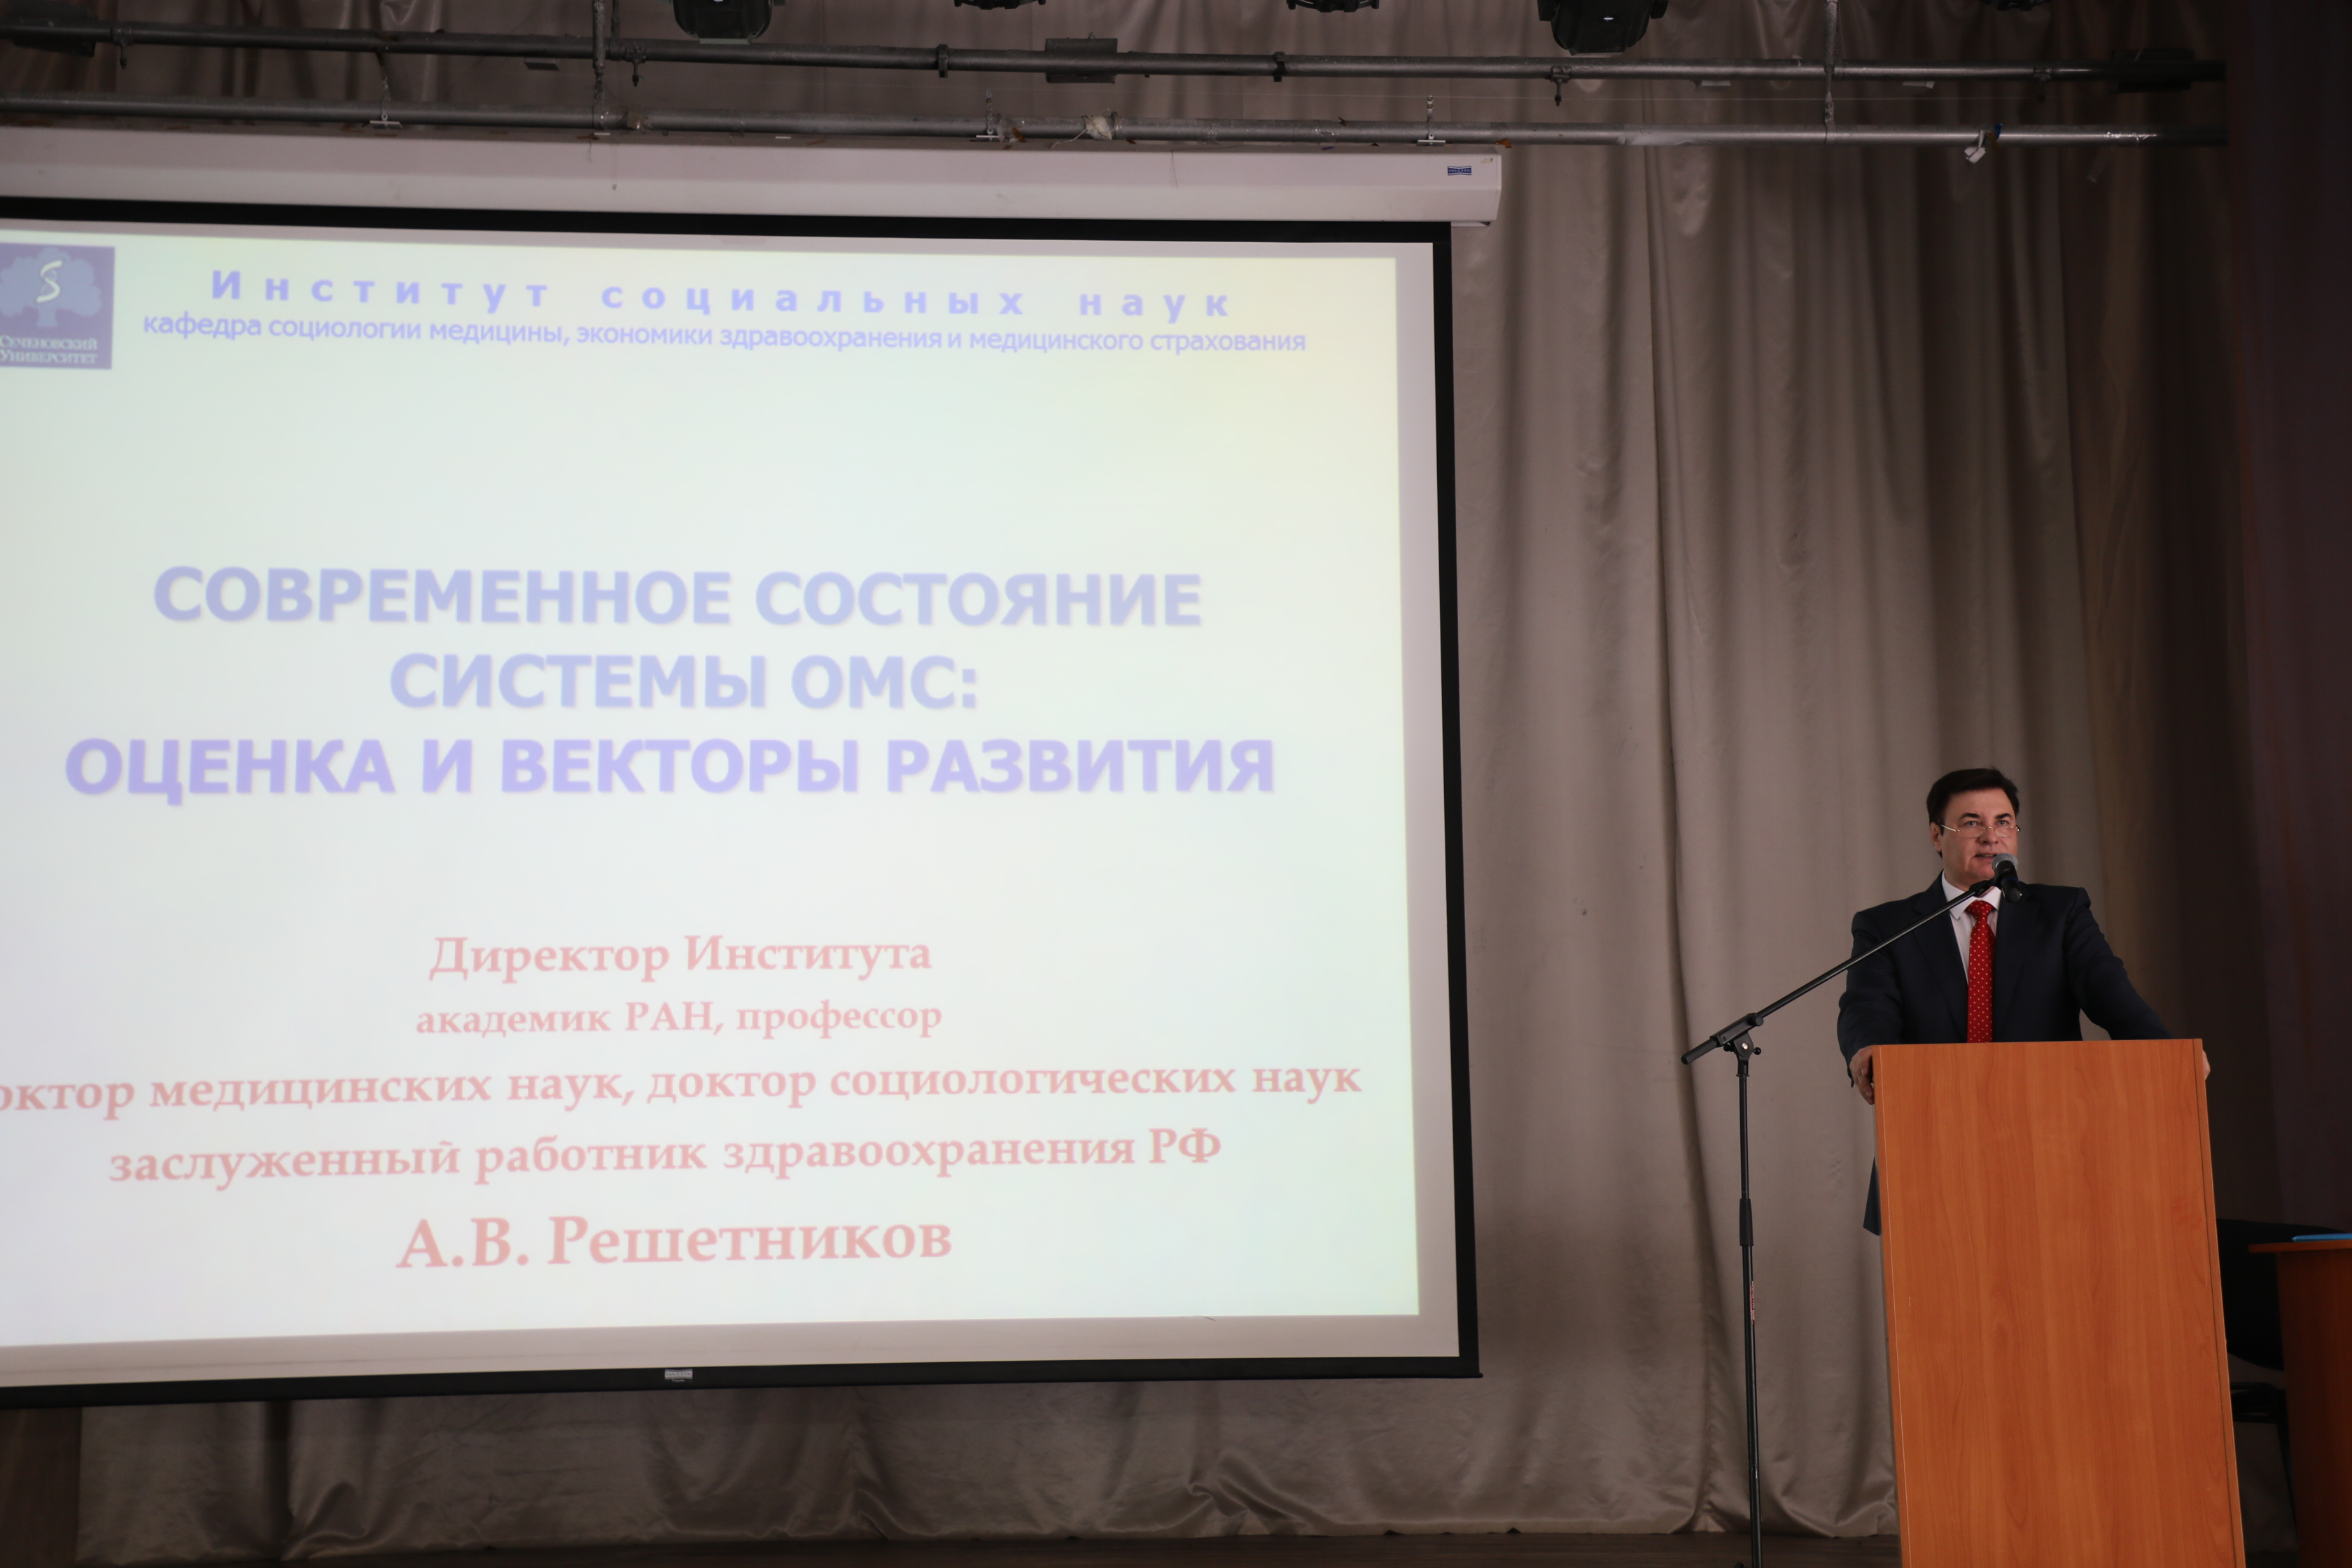 В ННГУ прошёл семинар «Современное состояние системы ОМС: оценка и векторы развития»